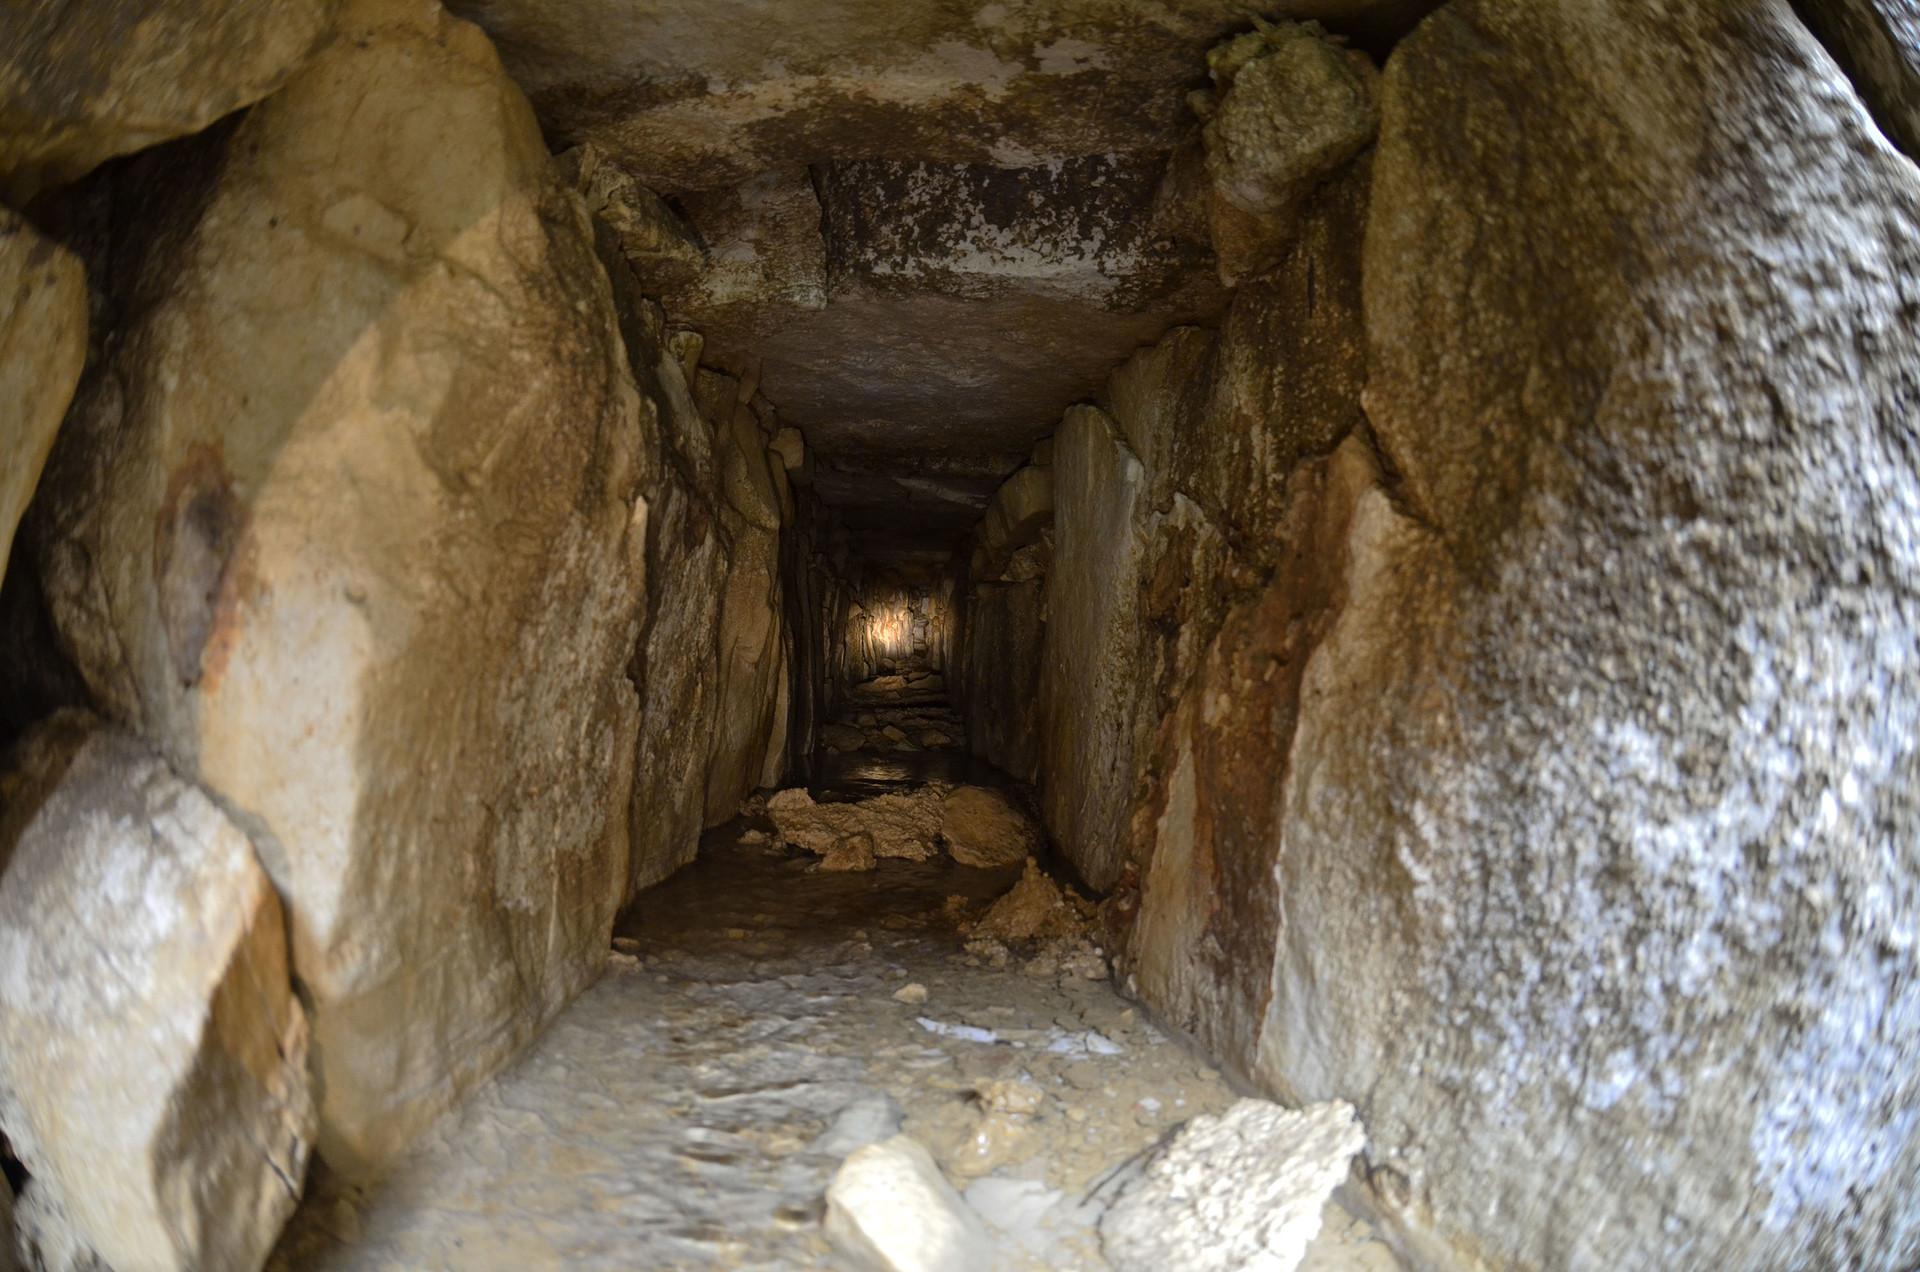 El sistema hidráulico está construido mediante hileras horizontales de grandes piedras talladas, unidas con rajuelas y arcilla plástica. INAH